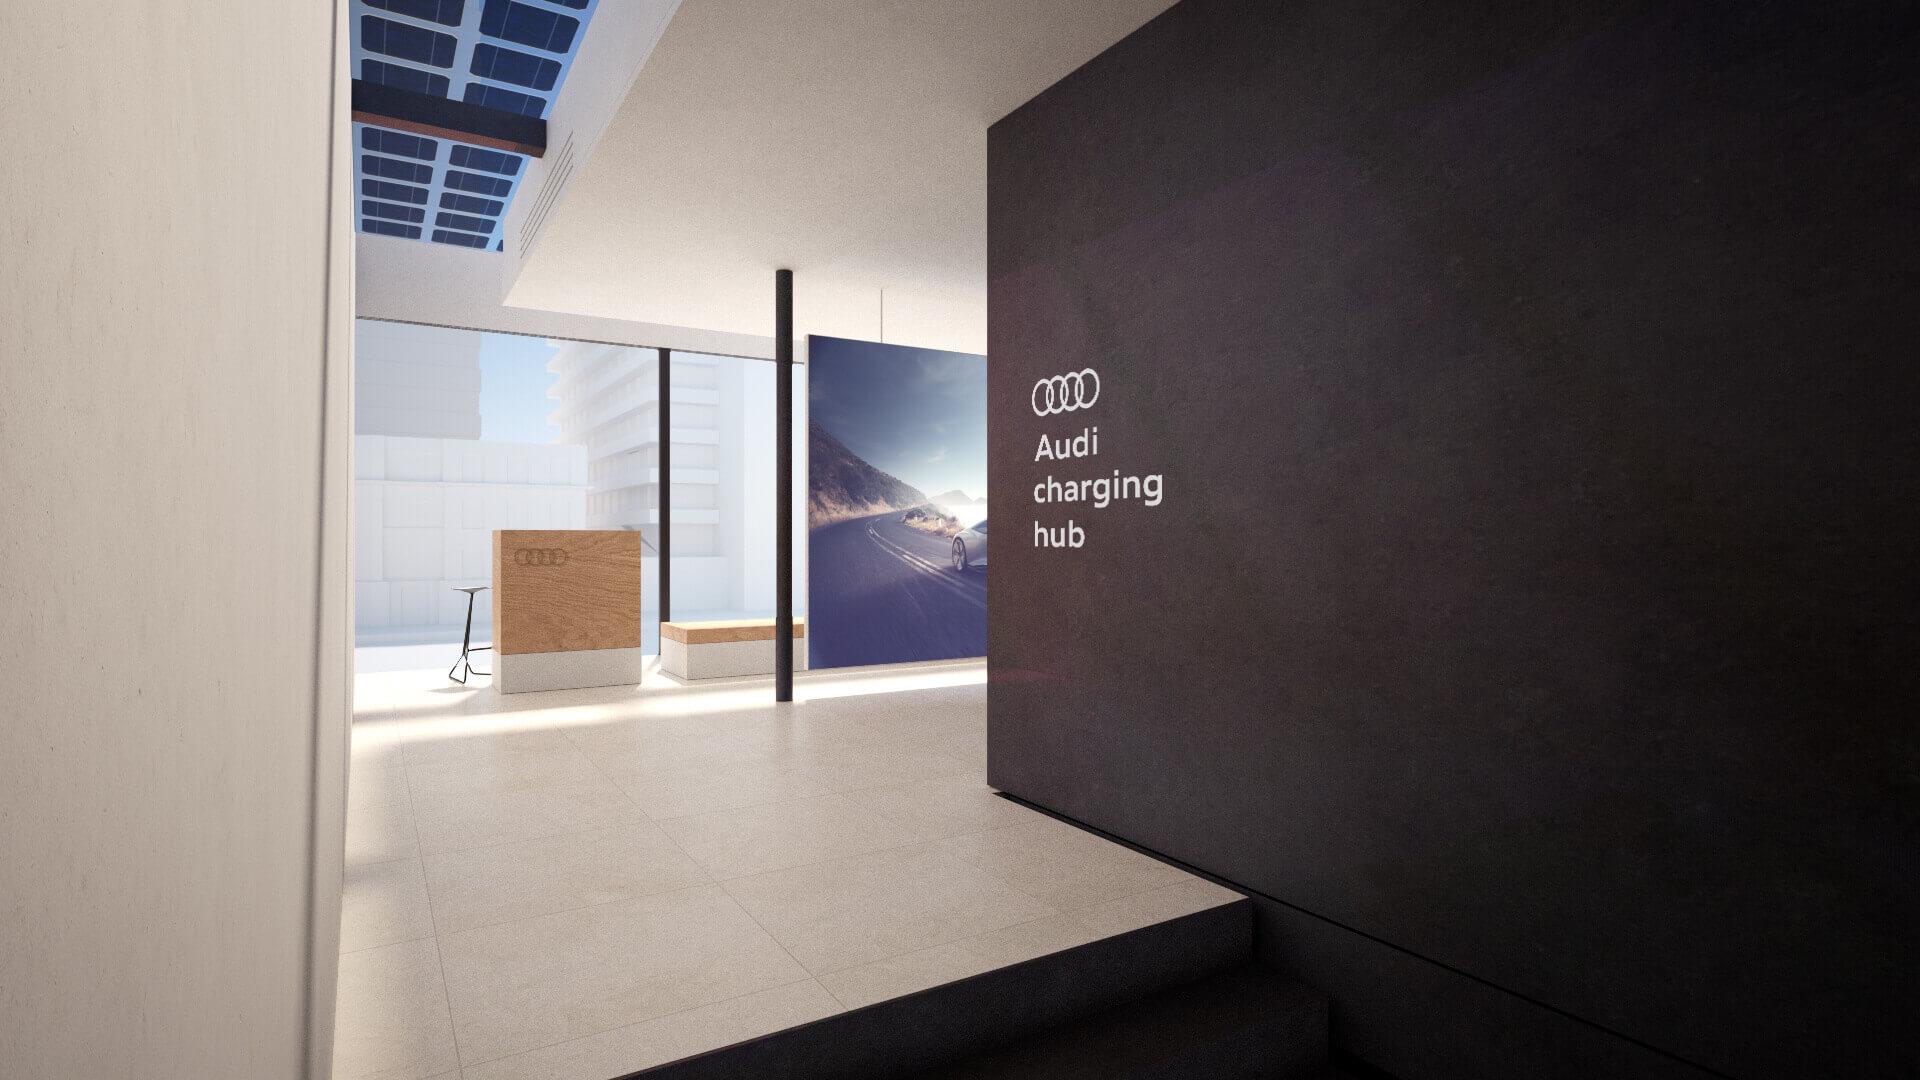 Зарядные станции «Audi charging hub» включают зону отдыха премиум-класса